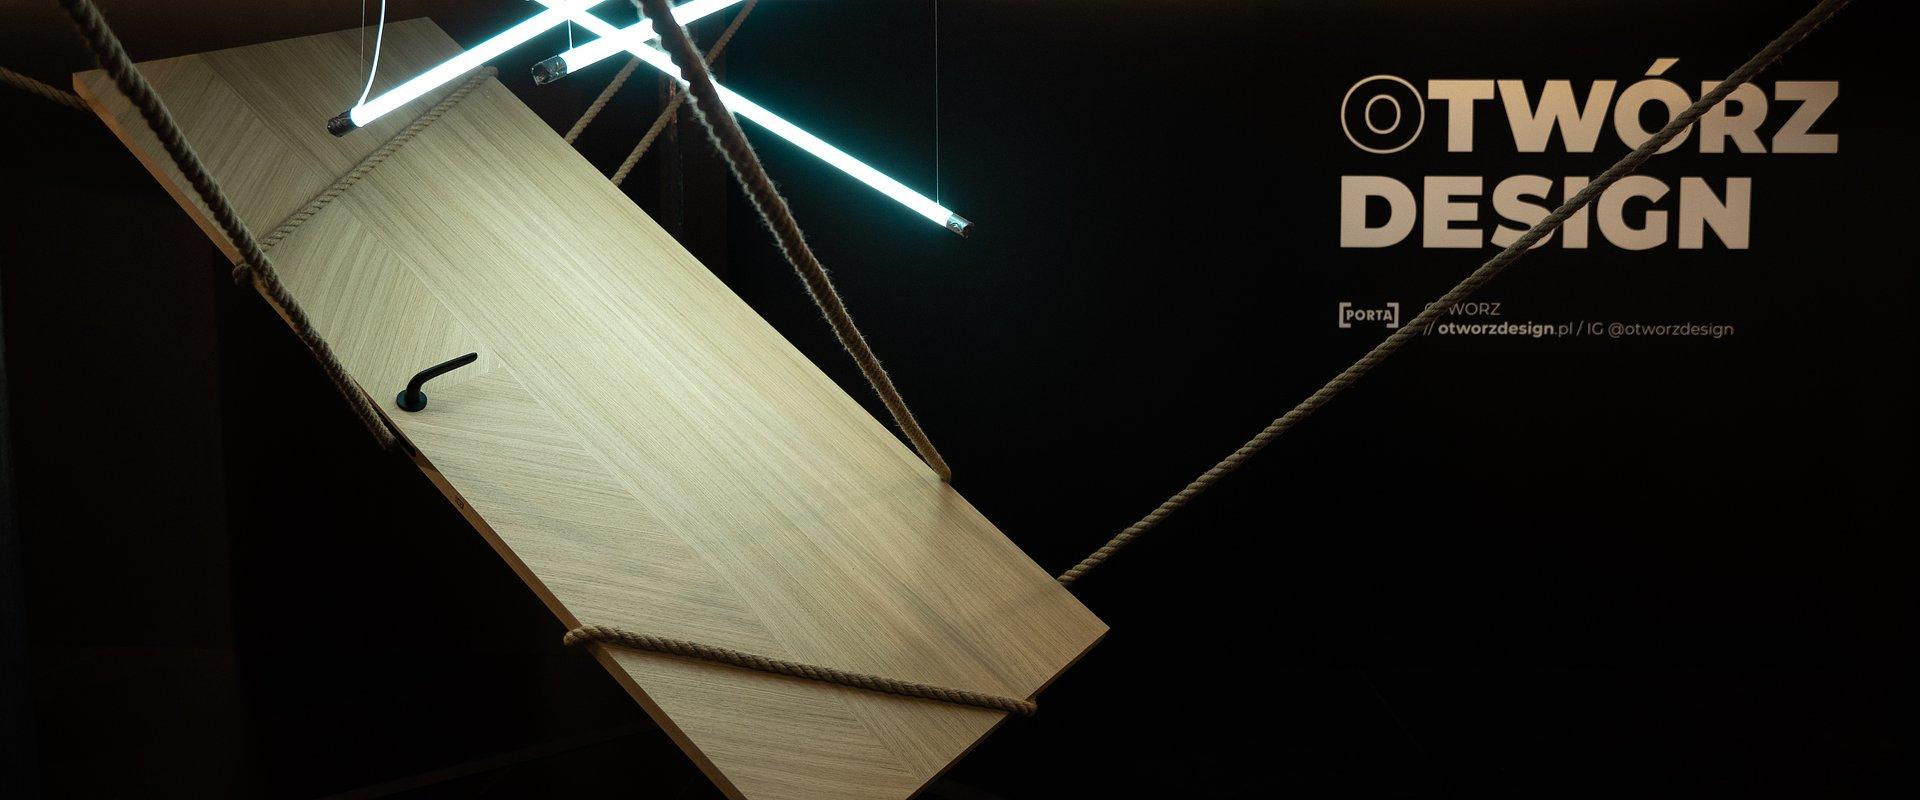 Łódź Design Festival – CX Design Team PORTA pokazał swoje możliwości